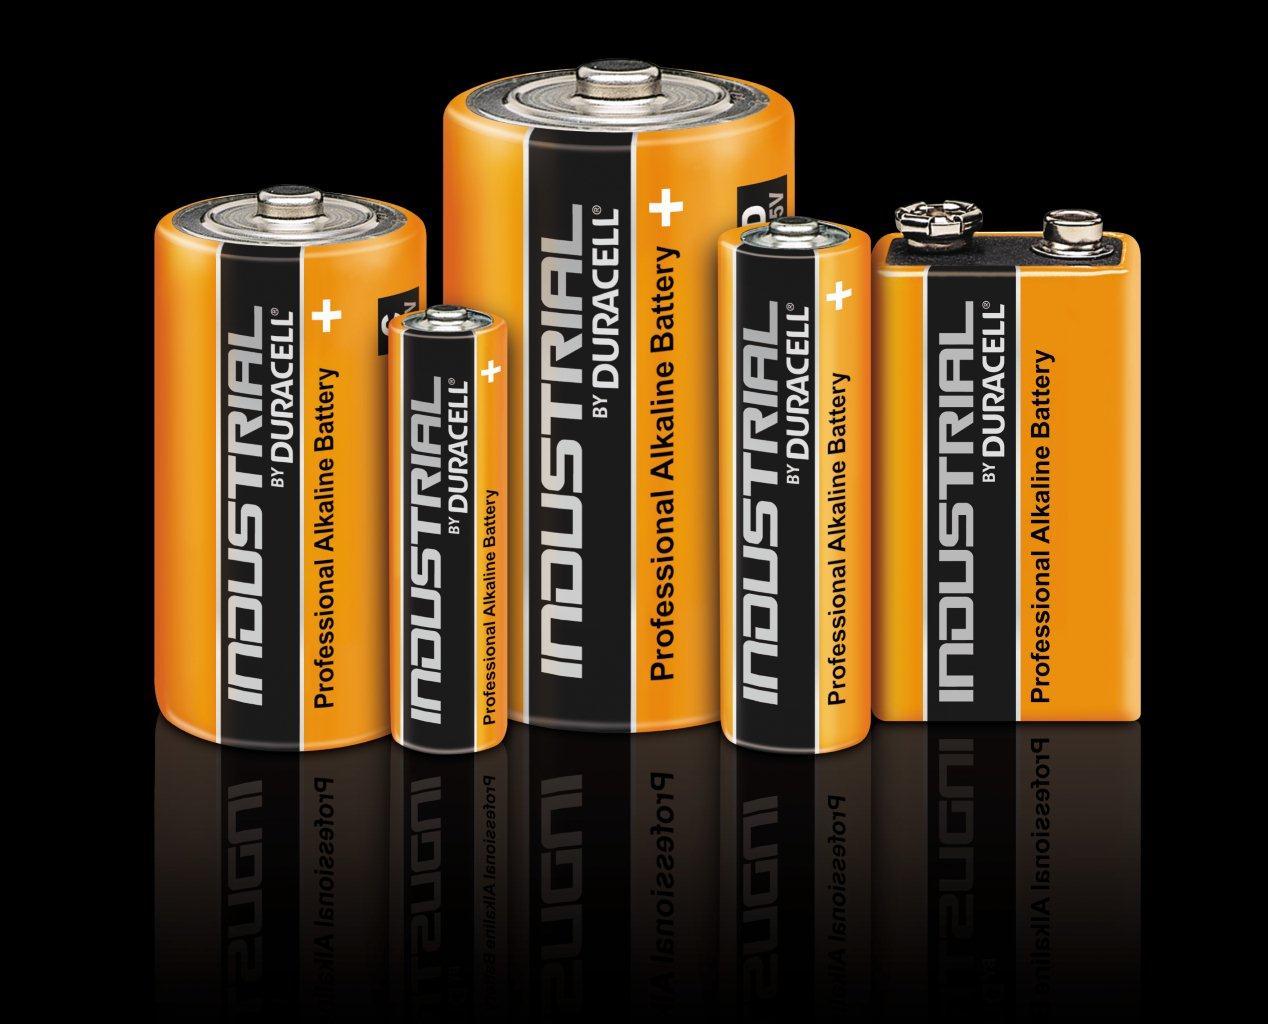 Batterie Duracell Industrial E-Block, 9V